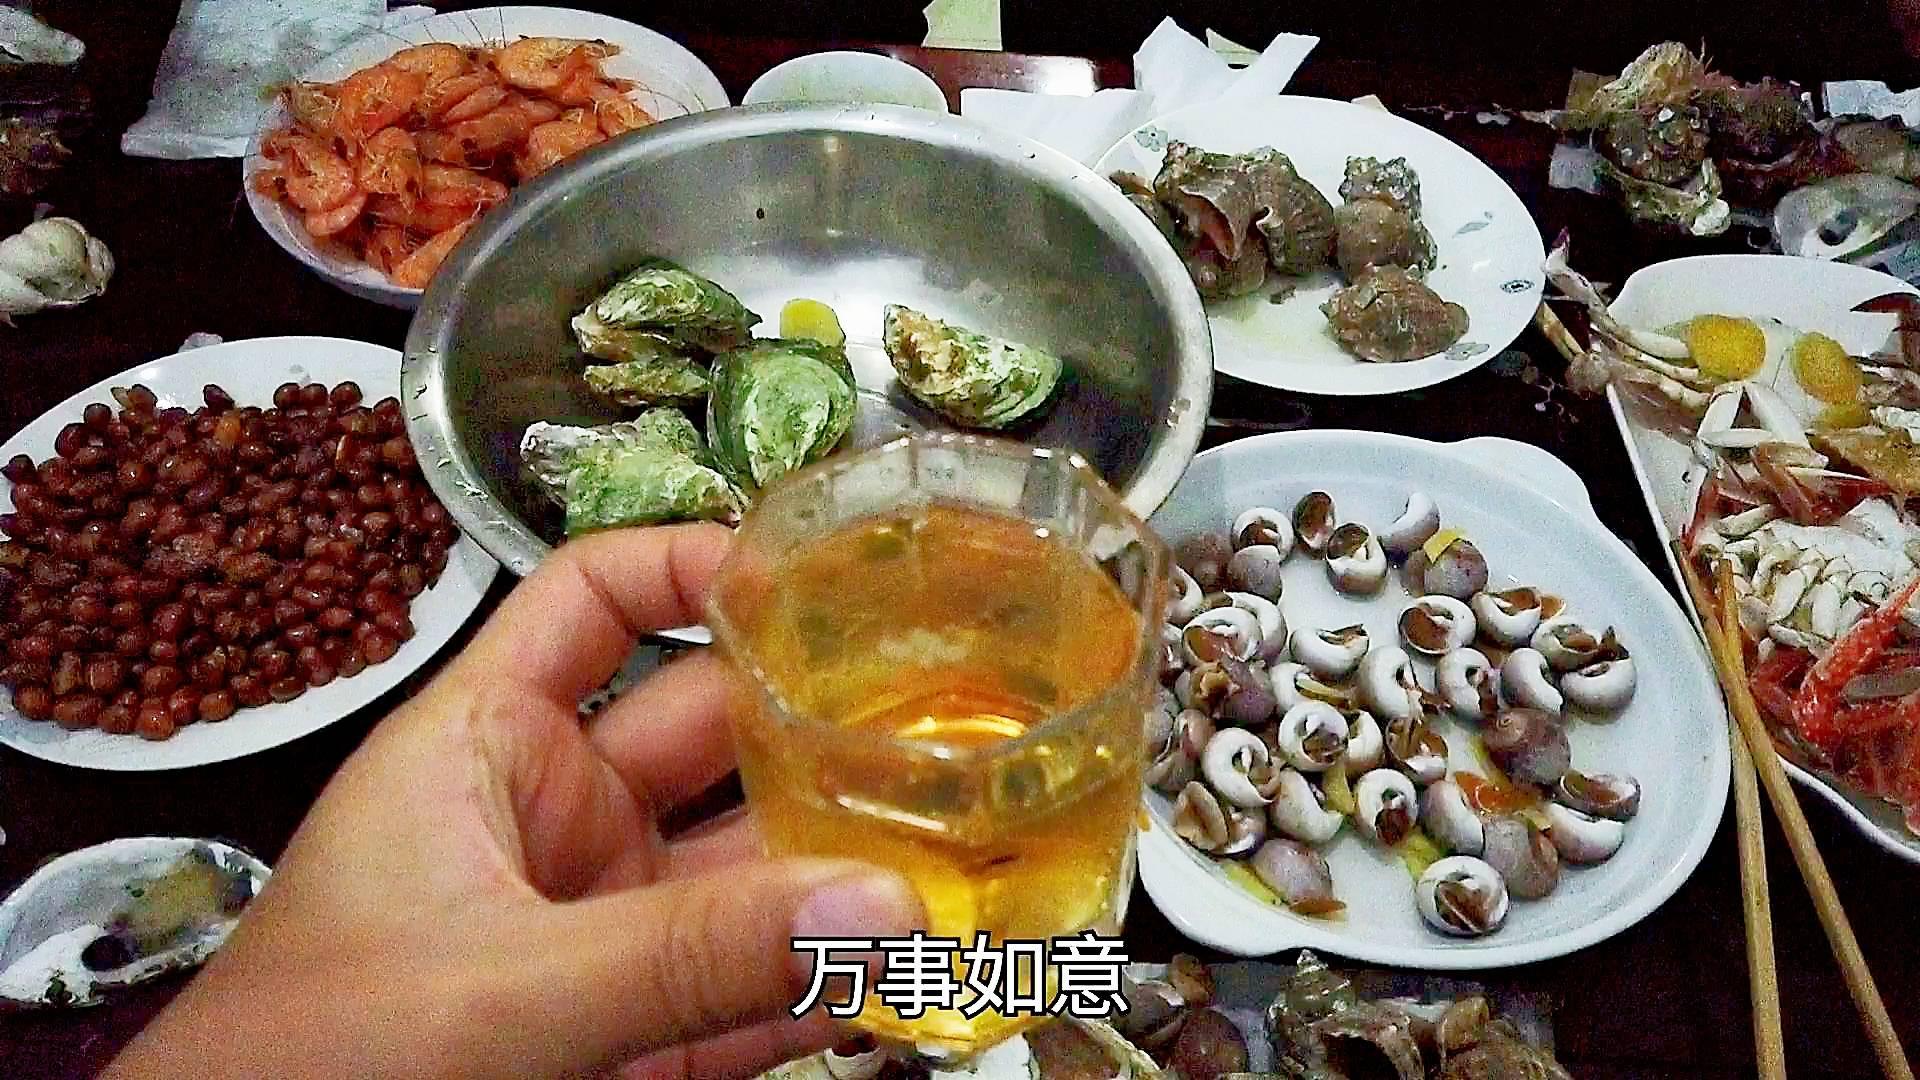 几个朋友到宁波小聚,从菜市场买的海鲜,喝瓶啤酒,吃得很开心